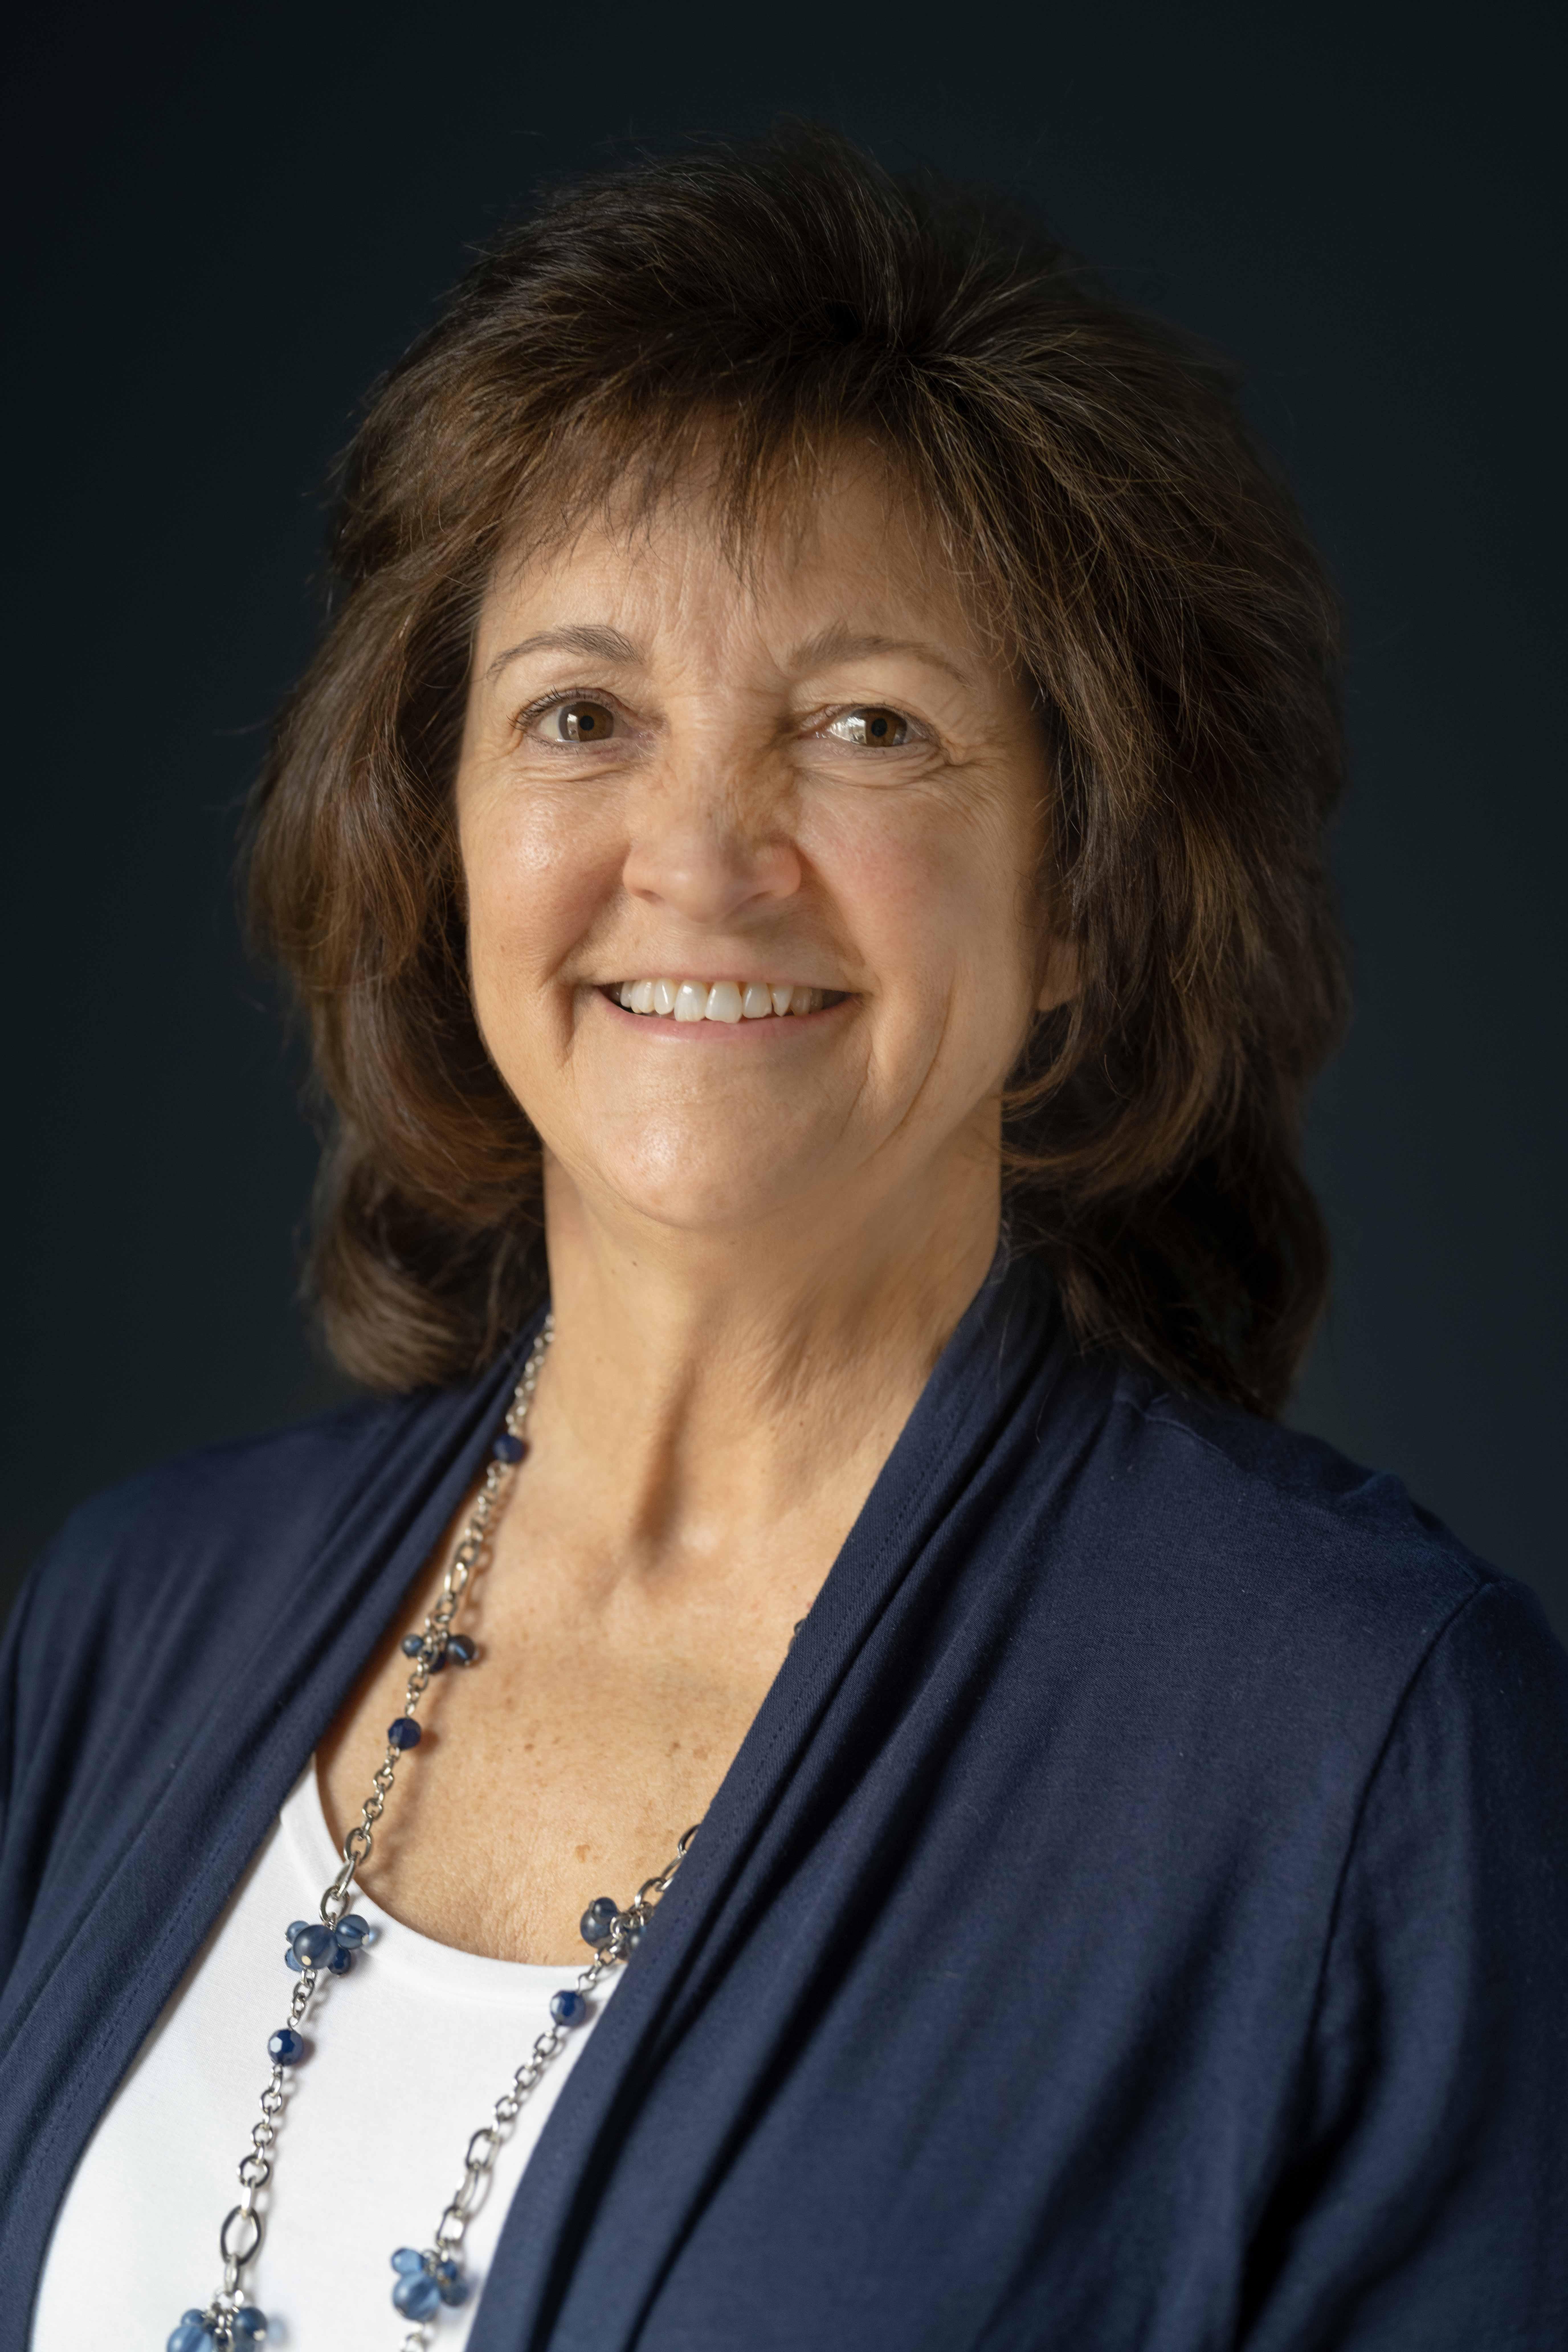 Susan Ferri Headshot